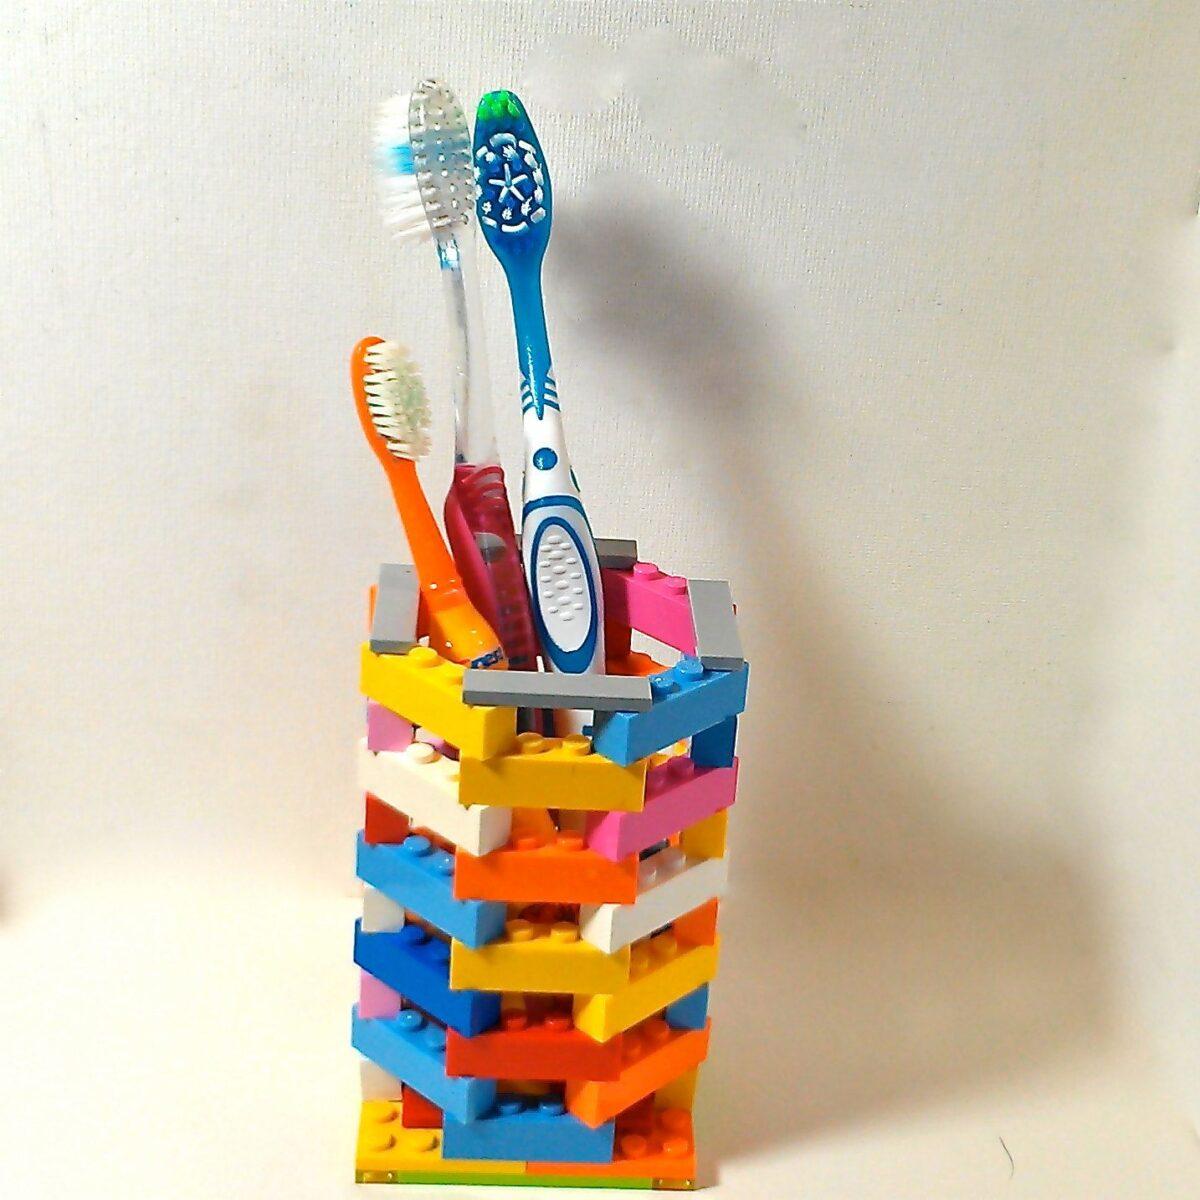 portaspazzolini-fai-da-te-lego